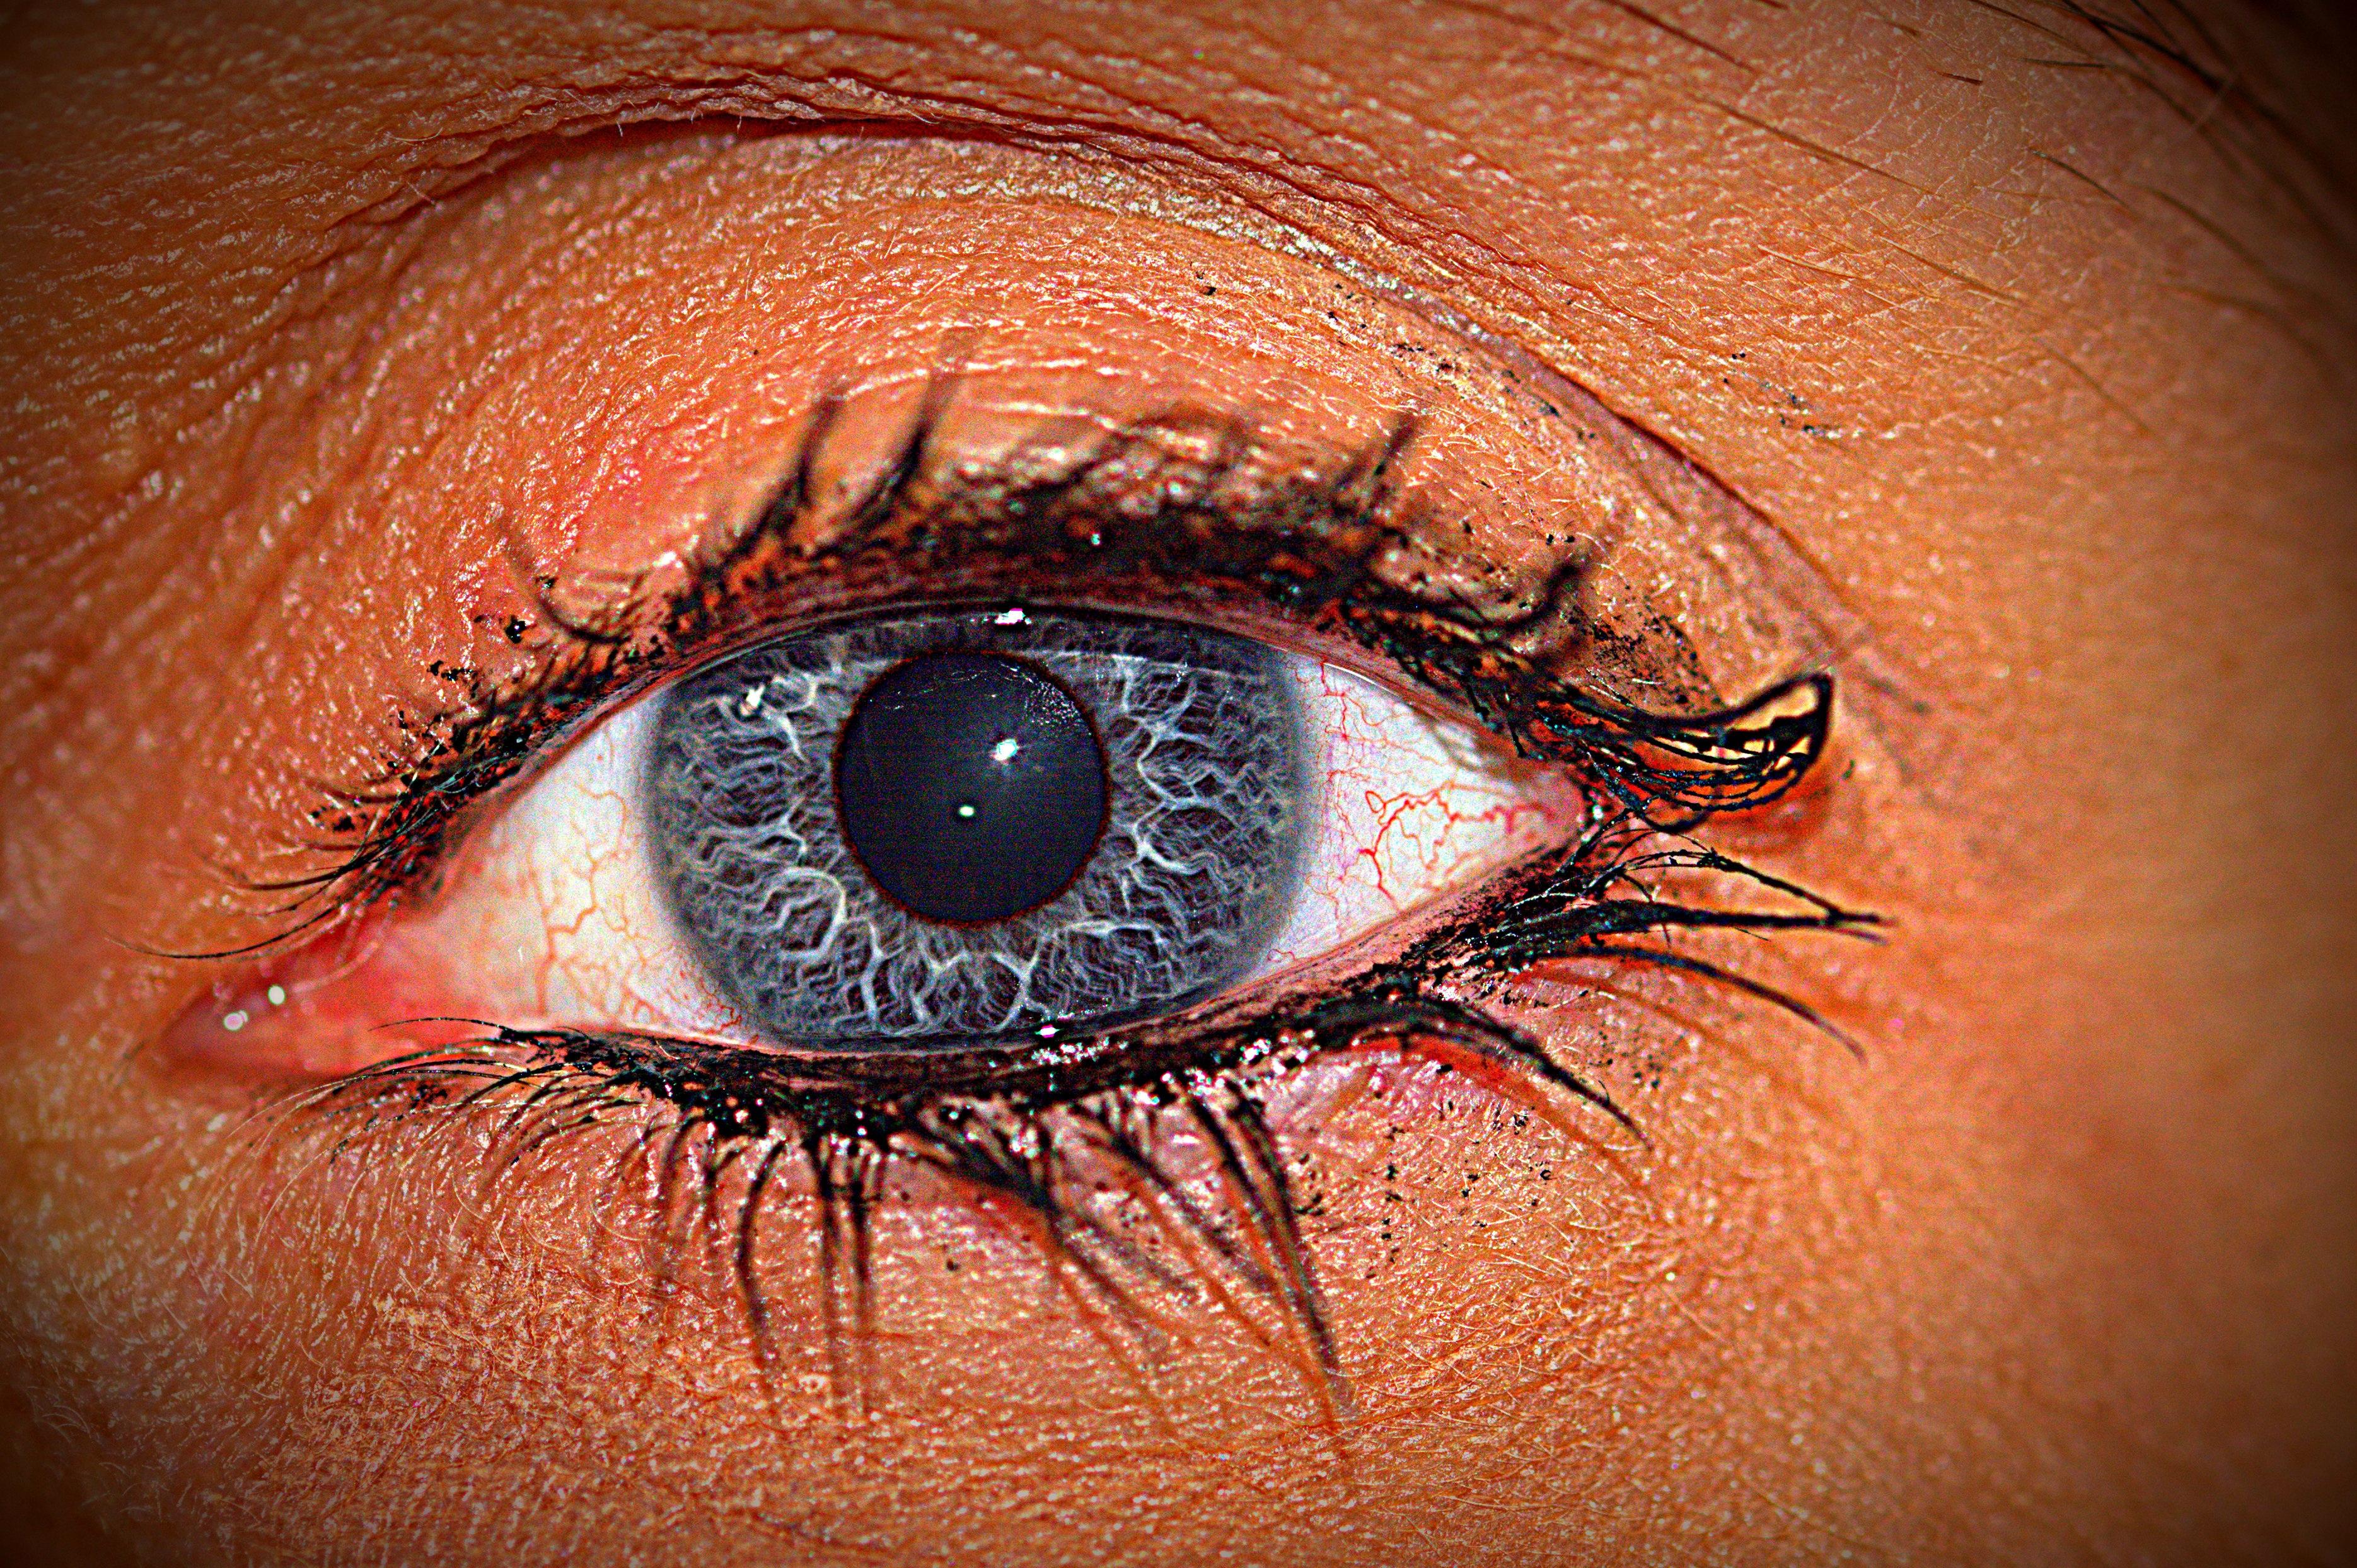 Kostenlose foto : Aussicht, blau, schließen, Lippe, Augenbraue, Mund ...